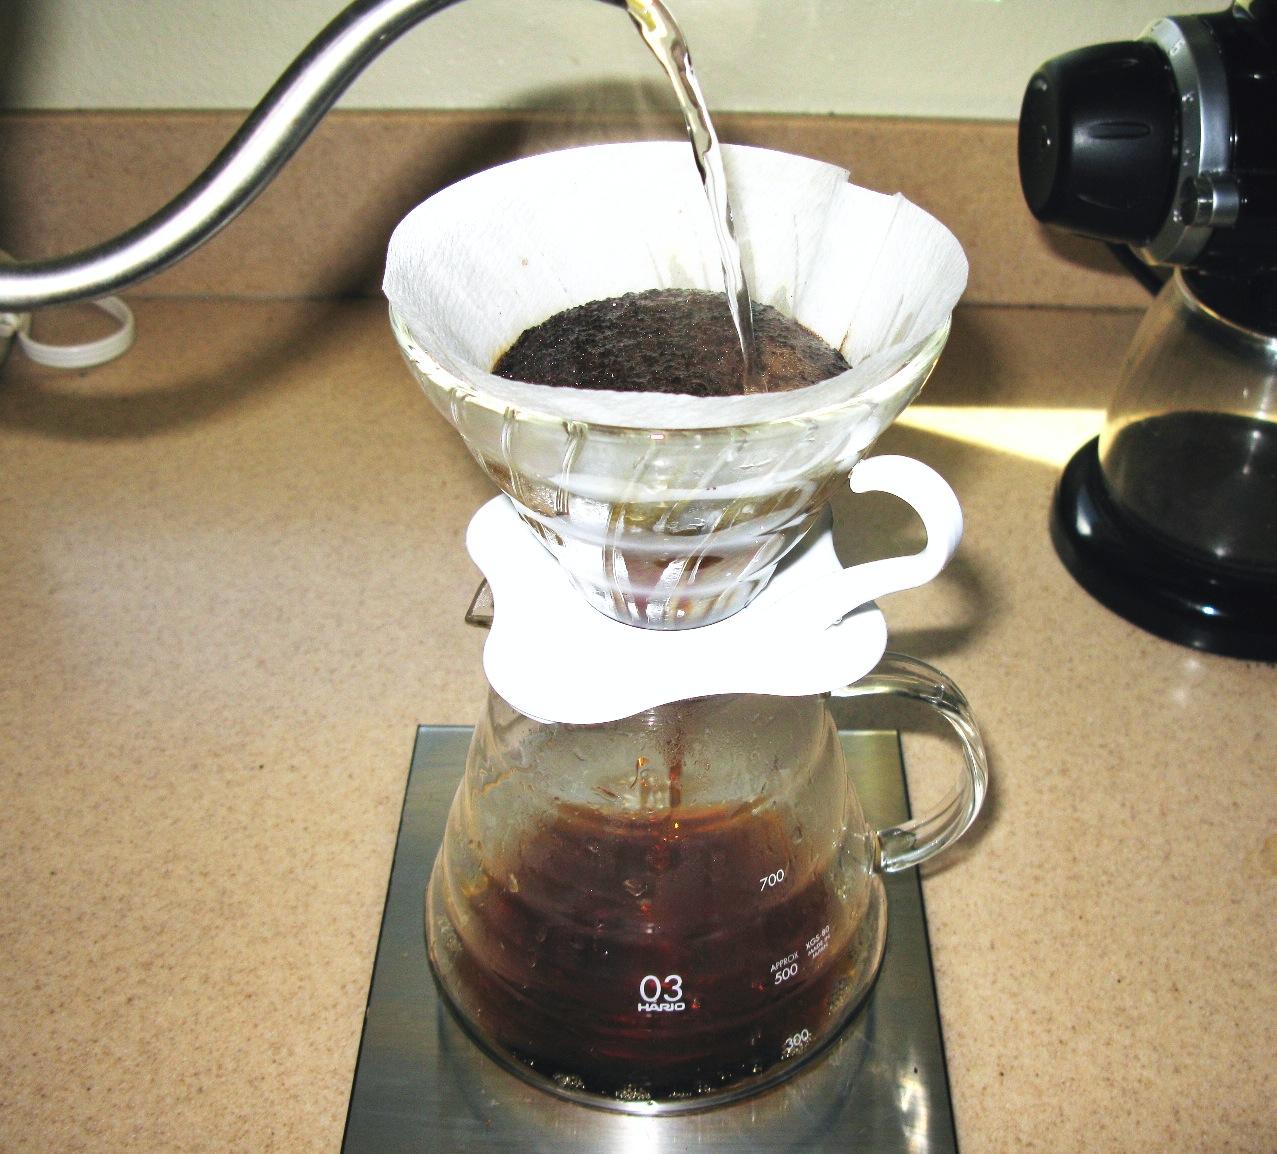 Can You Mwke Ta In Coffee Pot Using Tea Bags